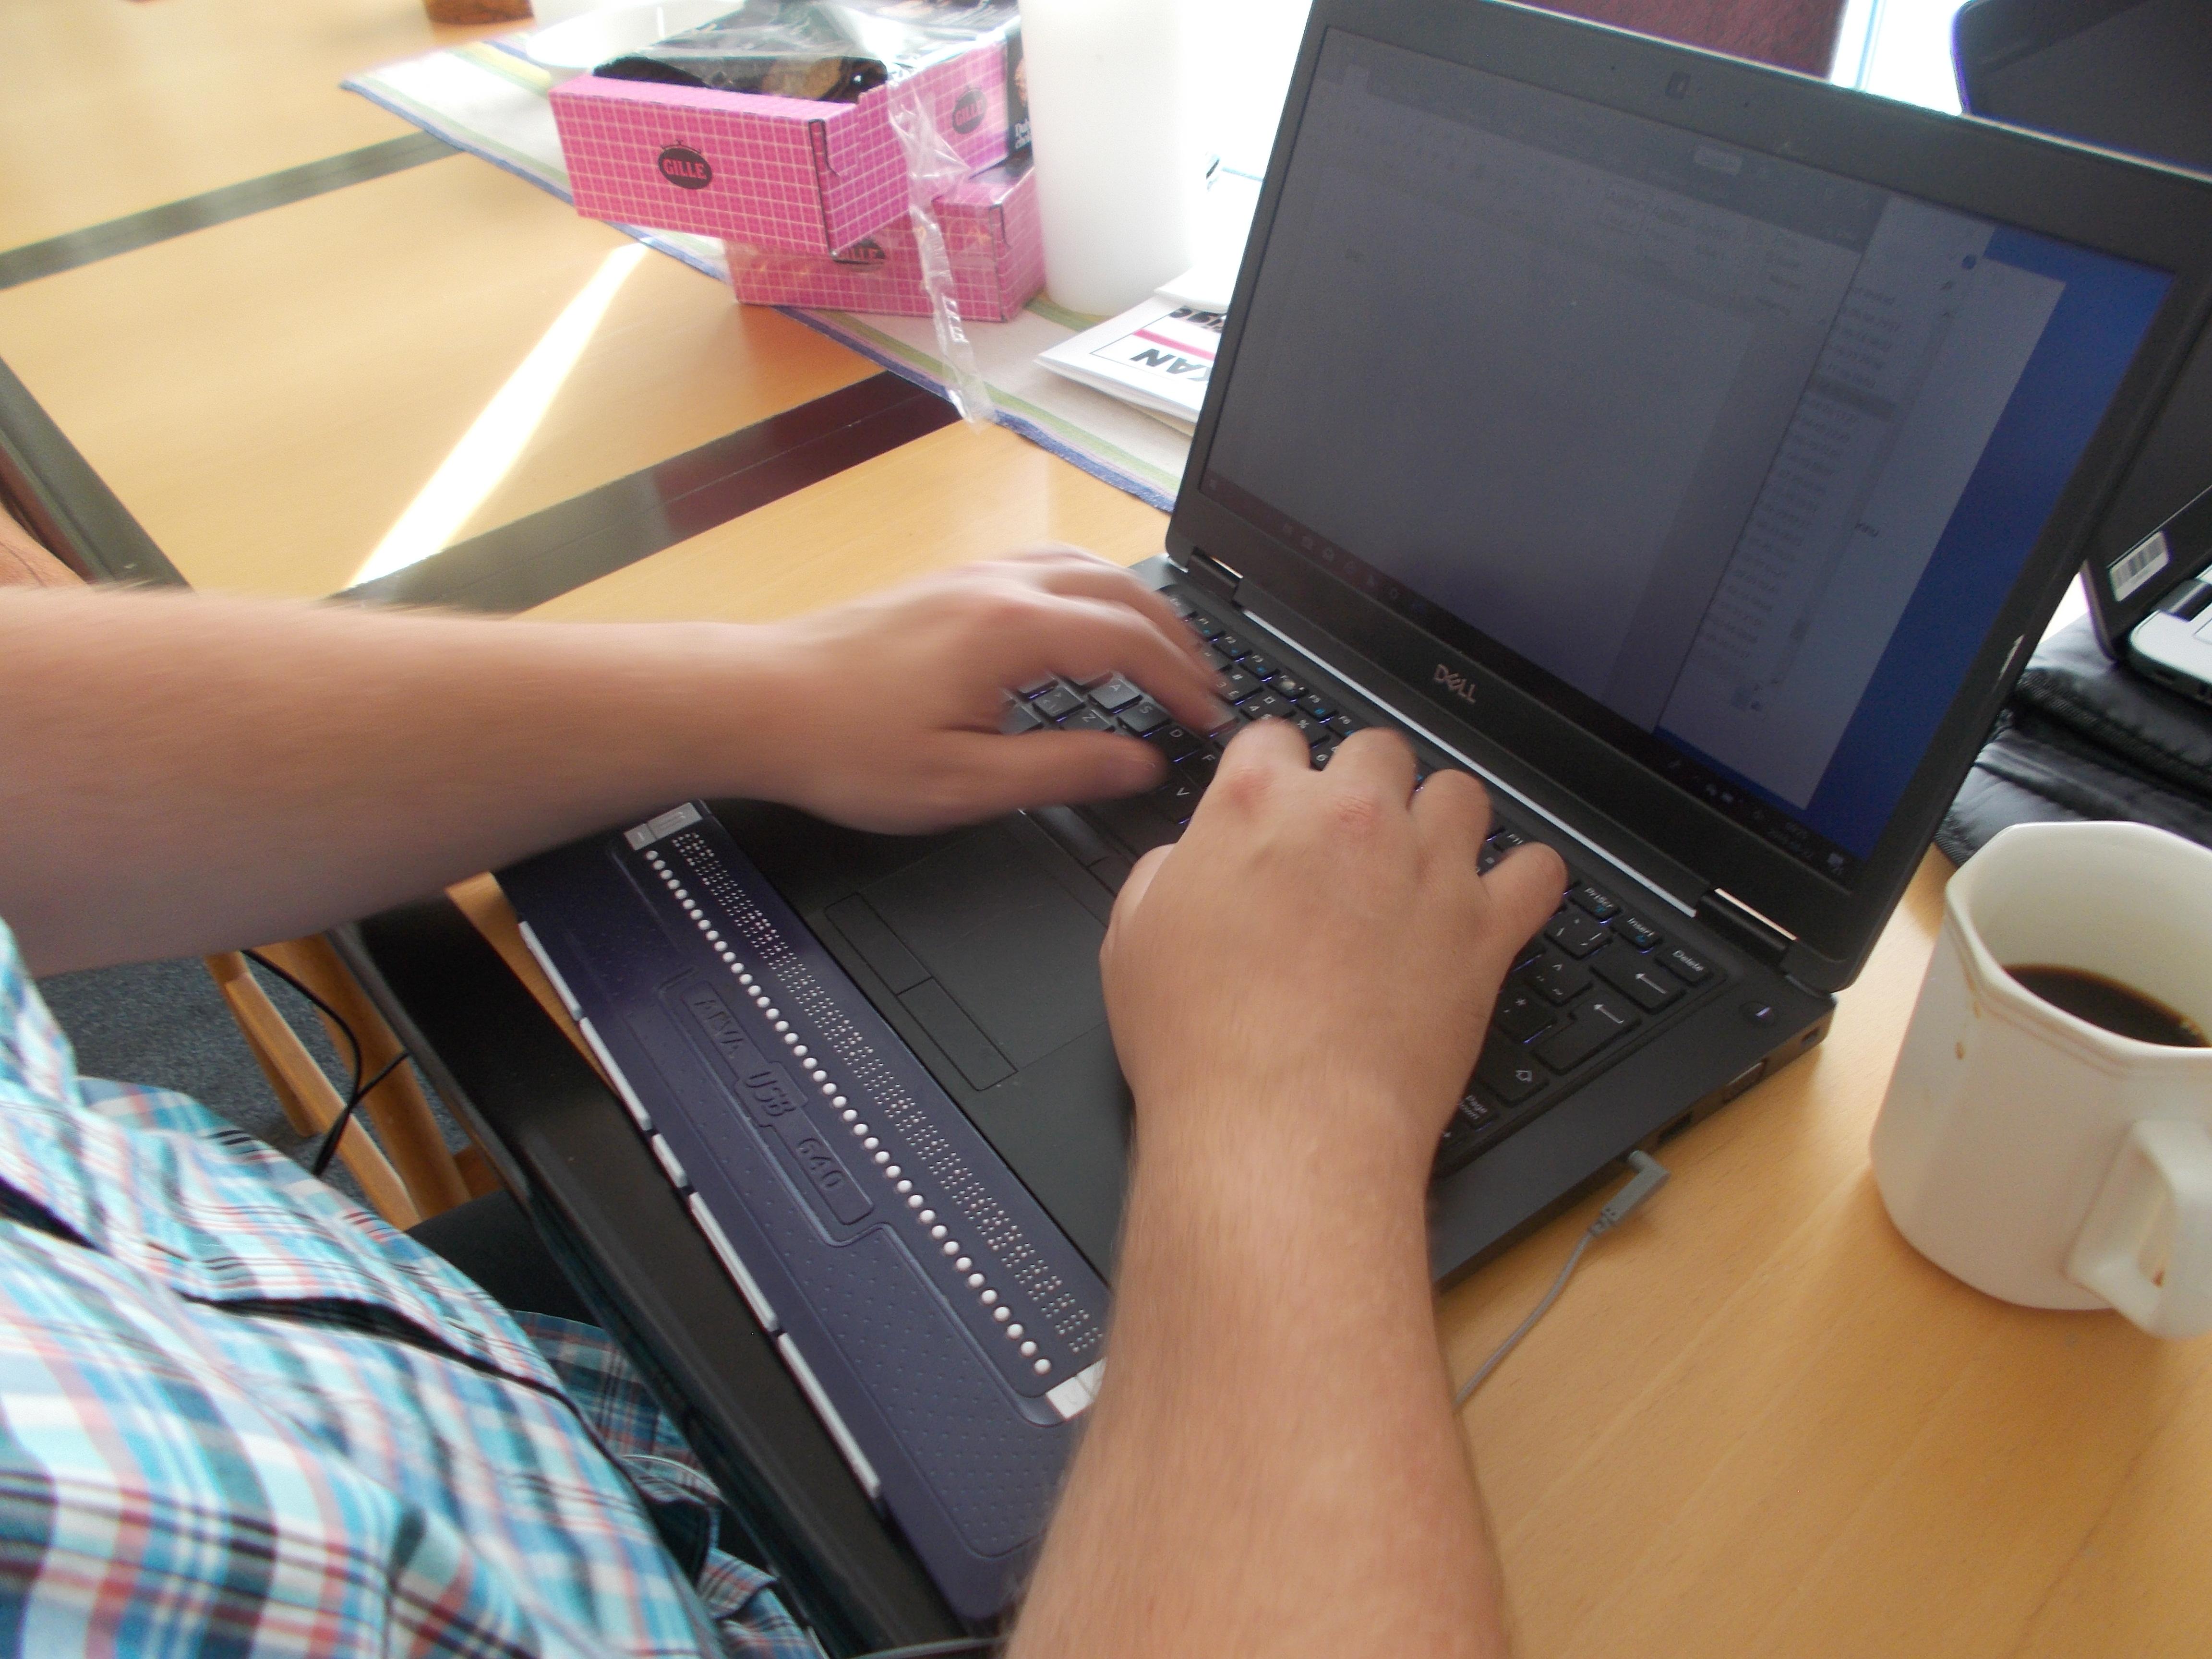 Skrivande händer i närbild på en dator med punktdisplay och tangentbord